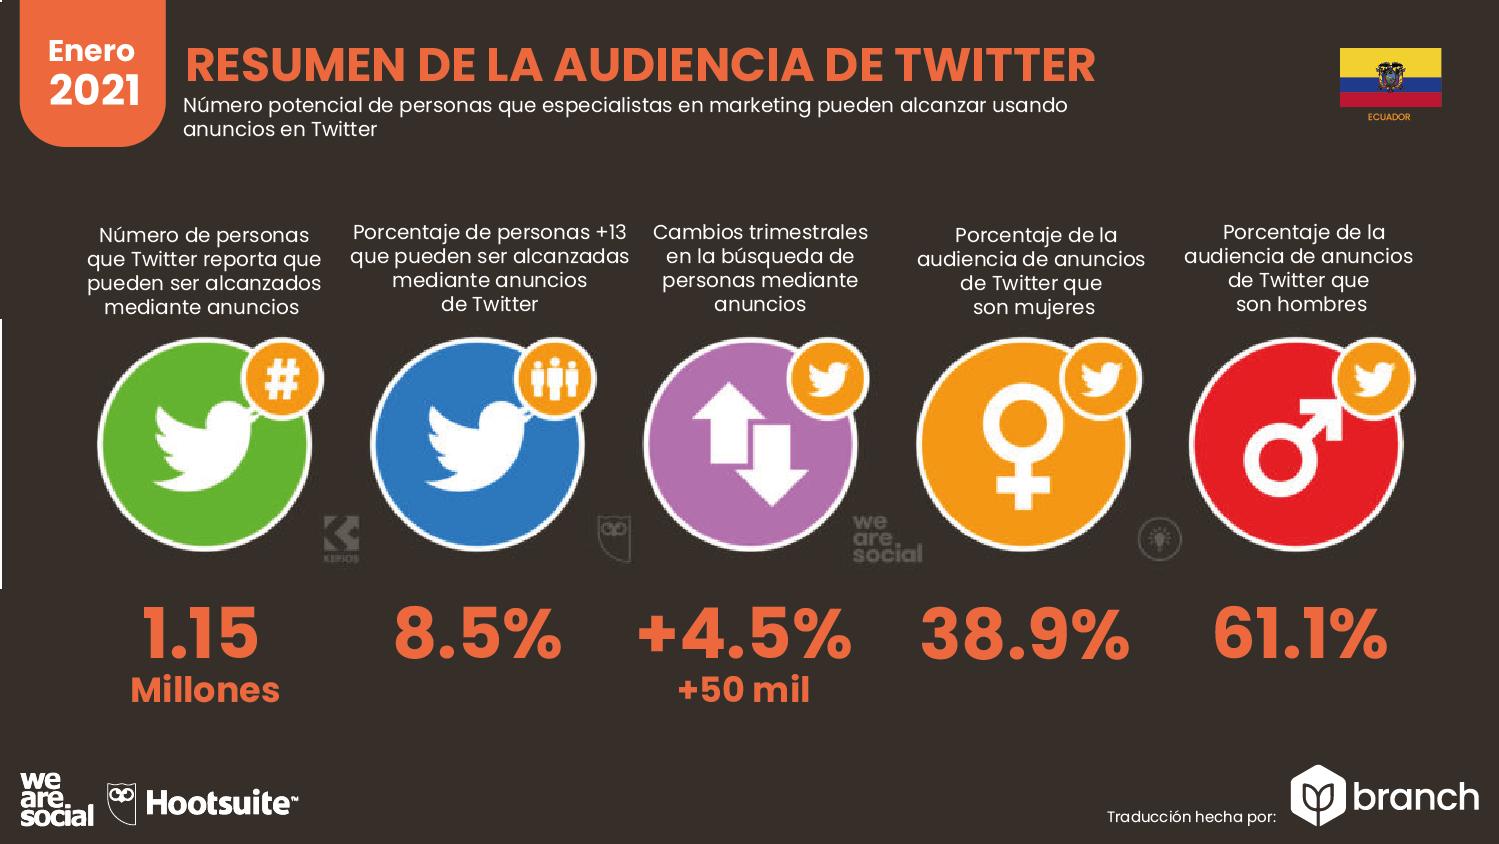 audiencia-de-twitter-en-ecuador-2020-2021